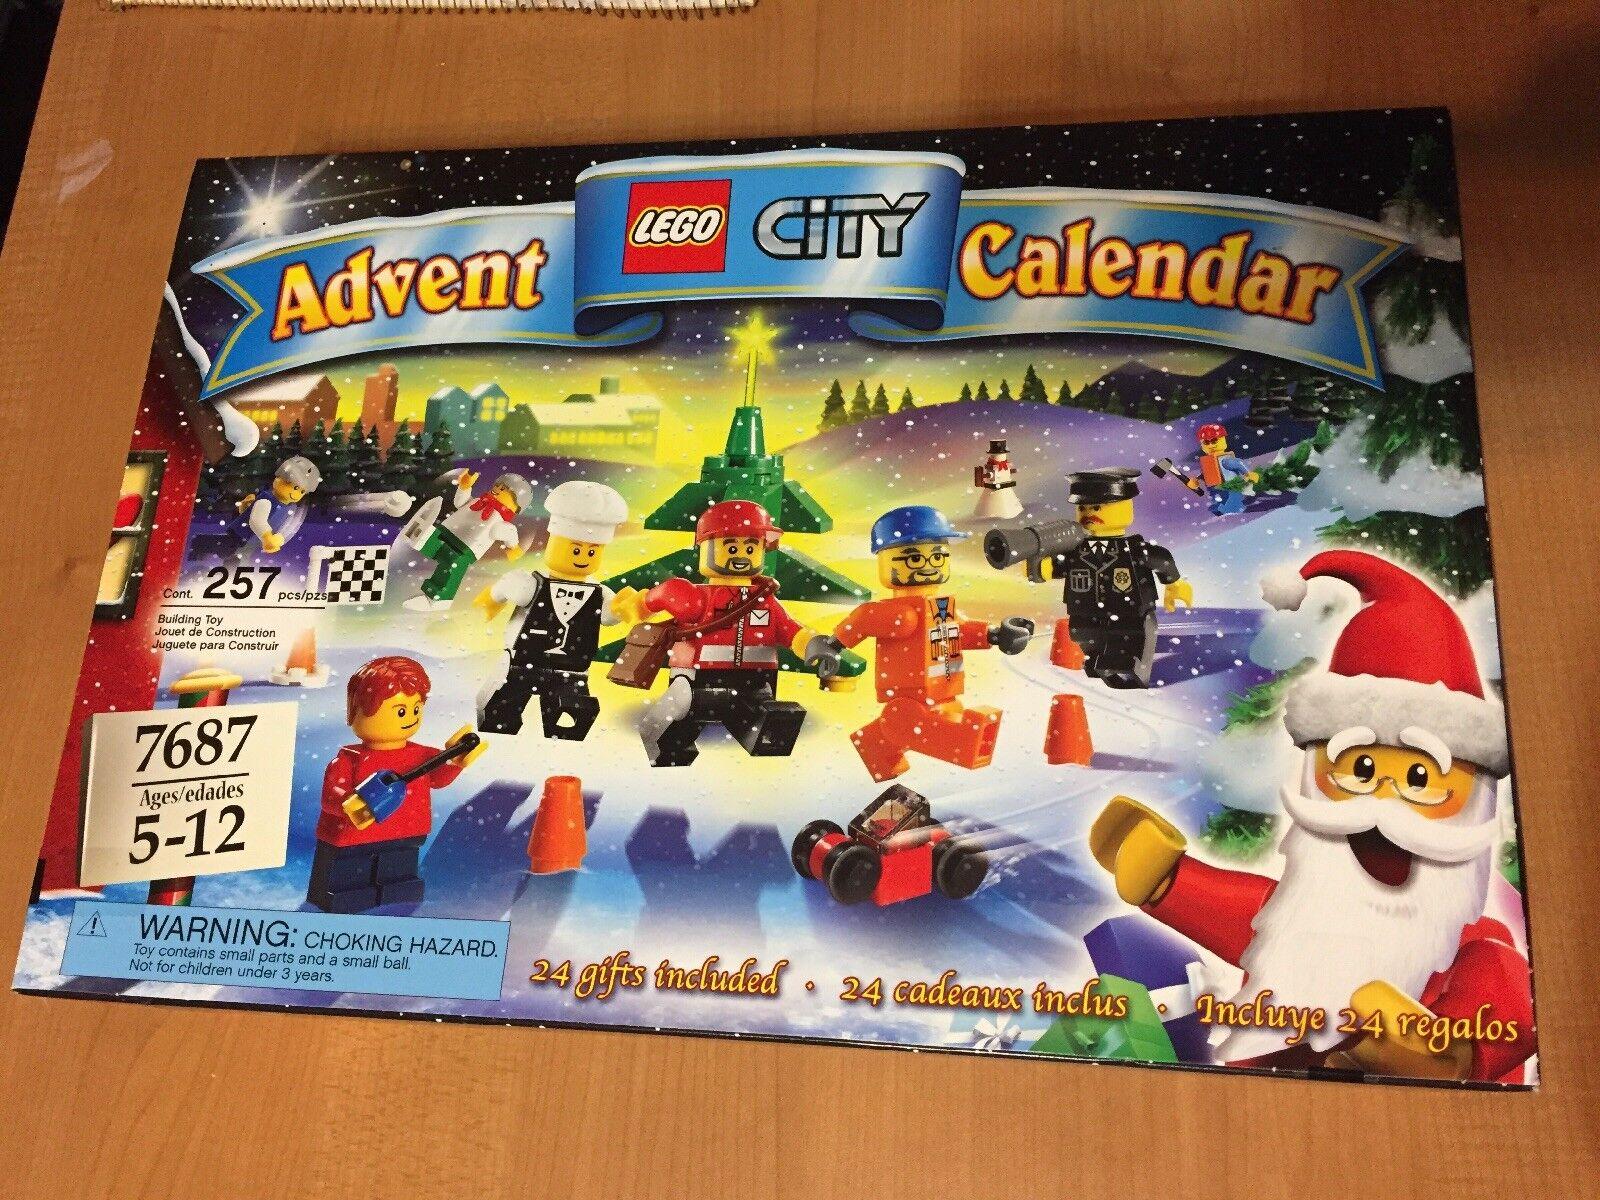 NEW LEGO 2009 CITY Advent Calendar Set 7687 Retirosso 24 Mini Set Christmas Gift